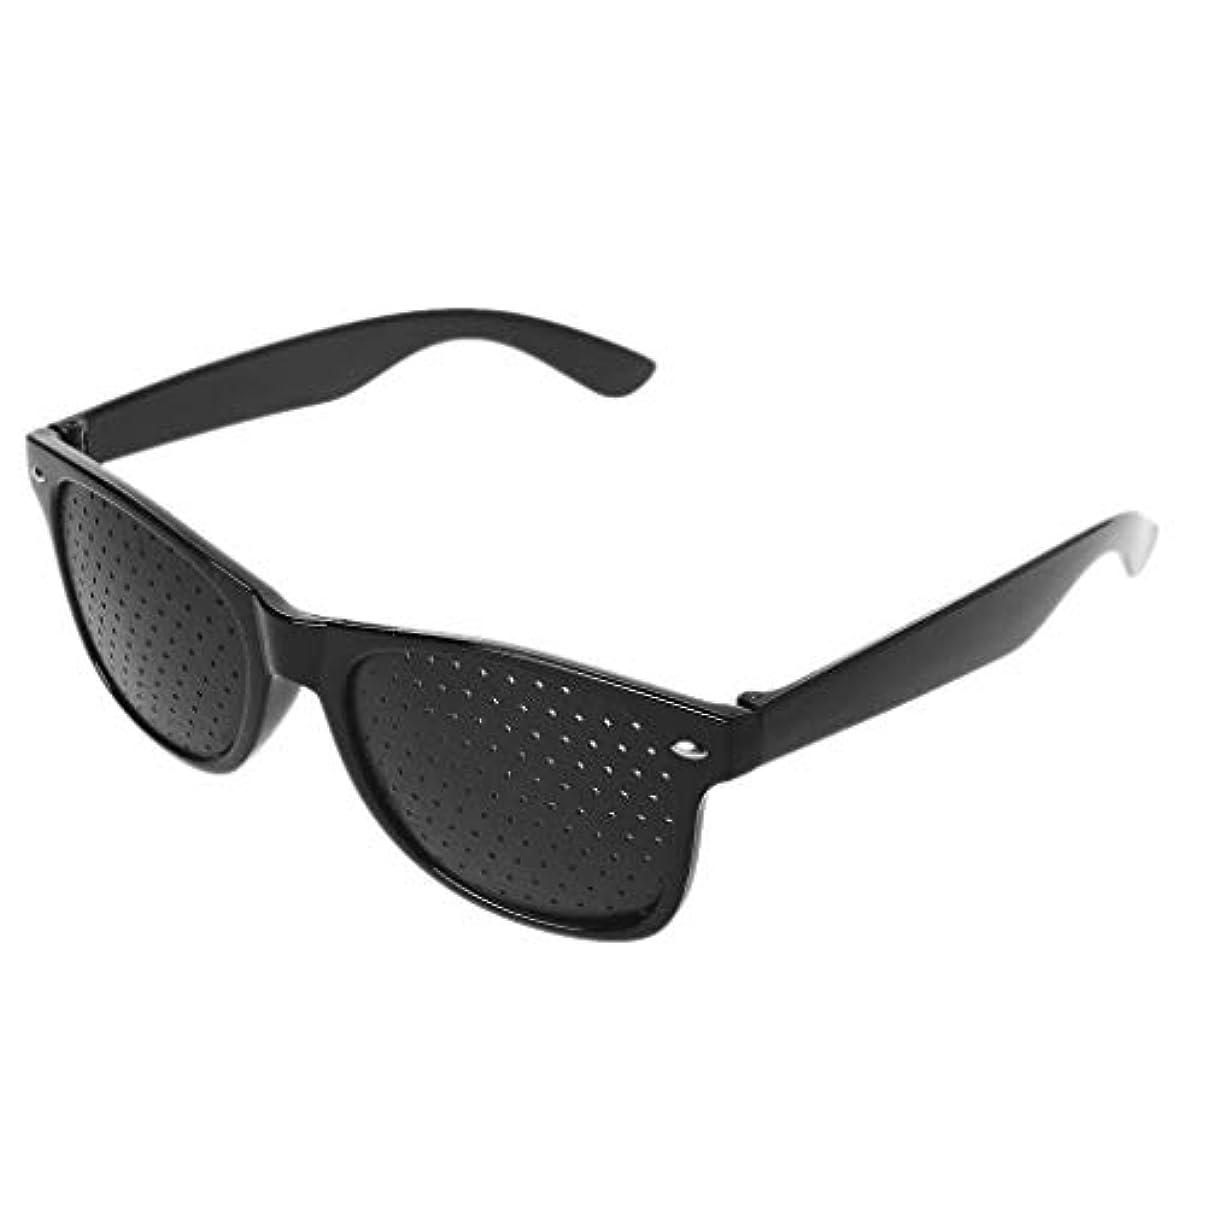 そっとスタウト楽しませるピンホールメガネ、アイズエクササイズアイサイトビジョンメガネの改善ビジョンケアメガネ近視の防止メガネの改善